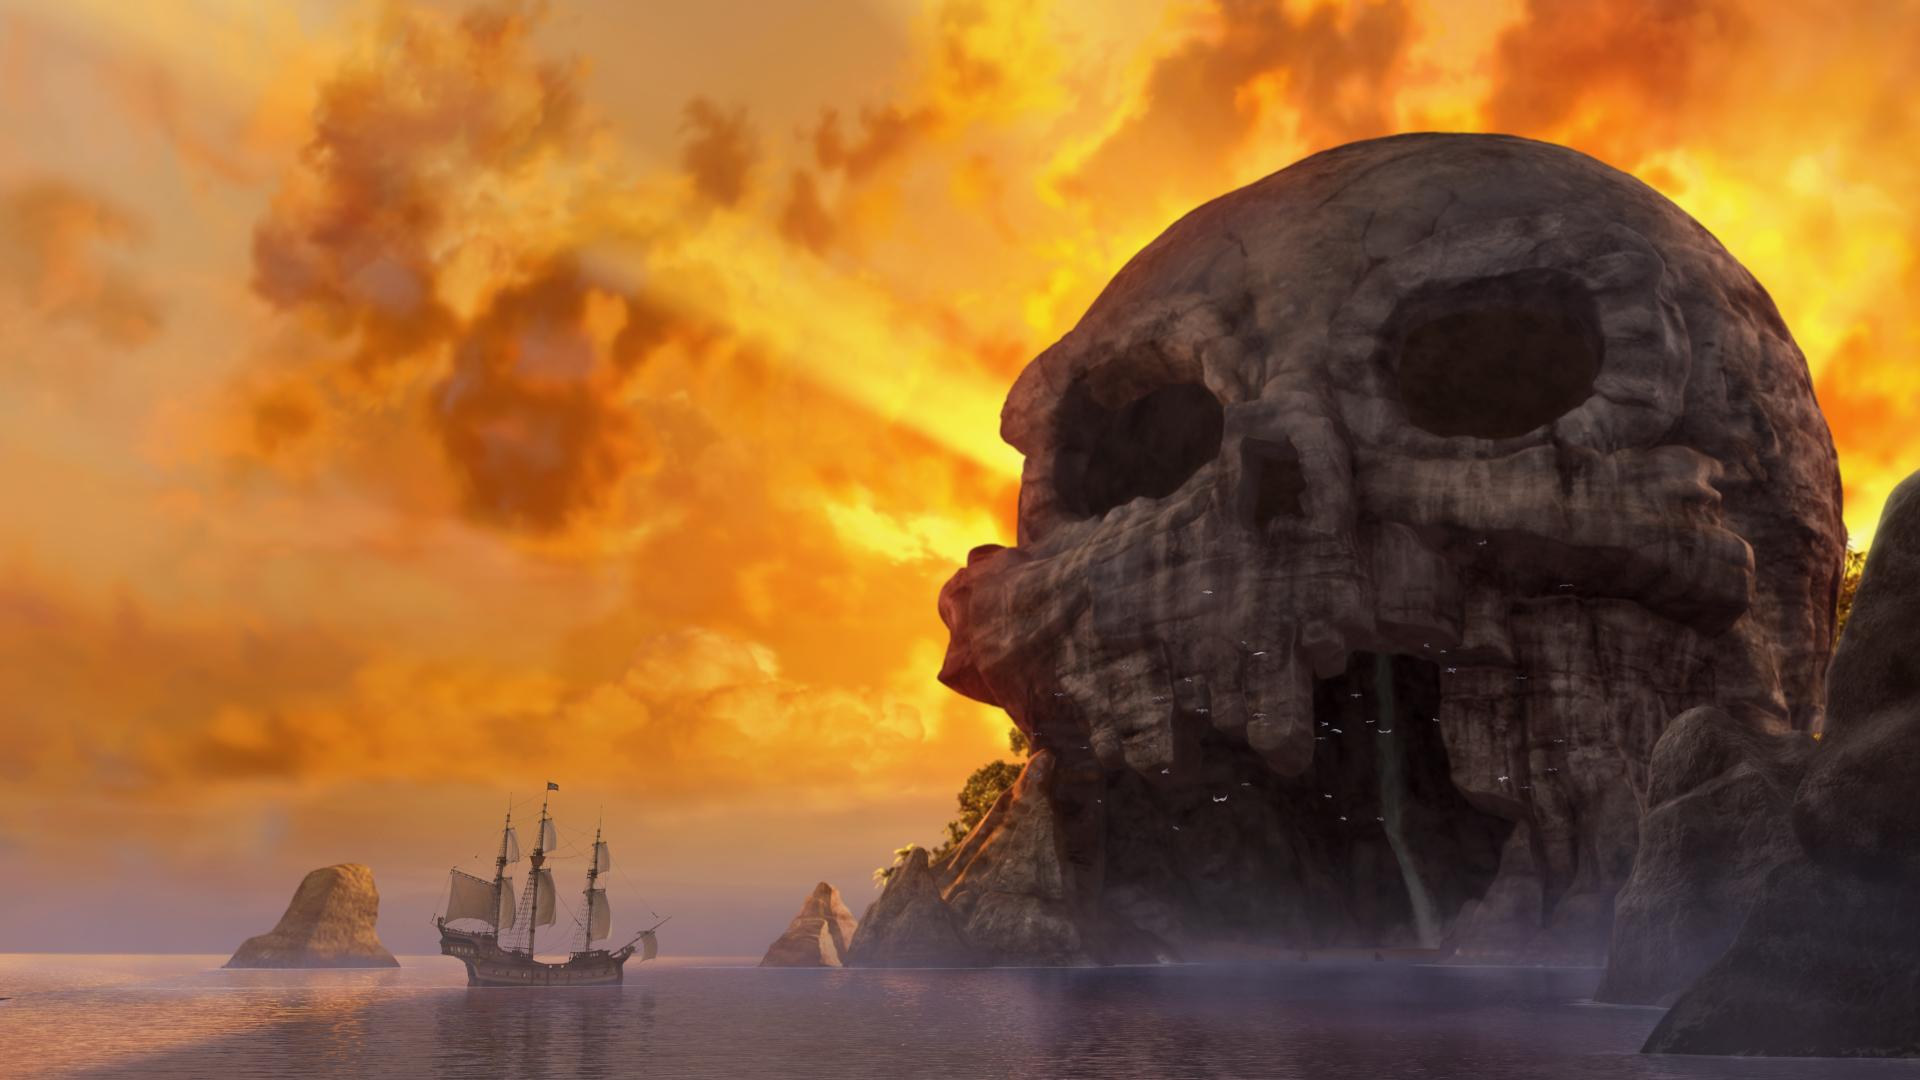 Trilli e la nave pirata: una scena suggestiva del film